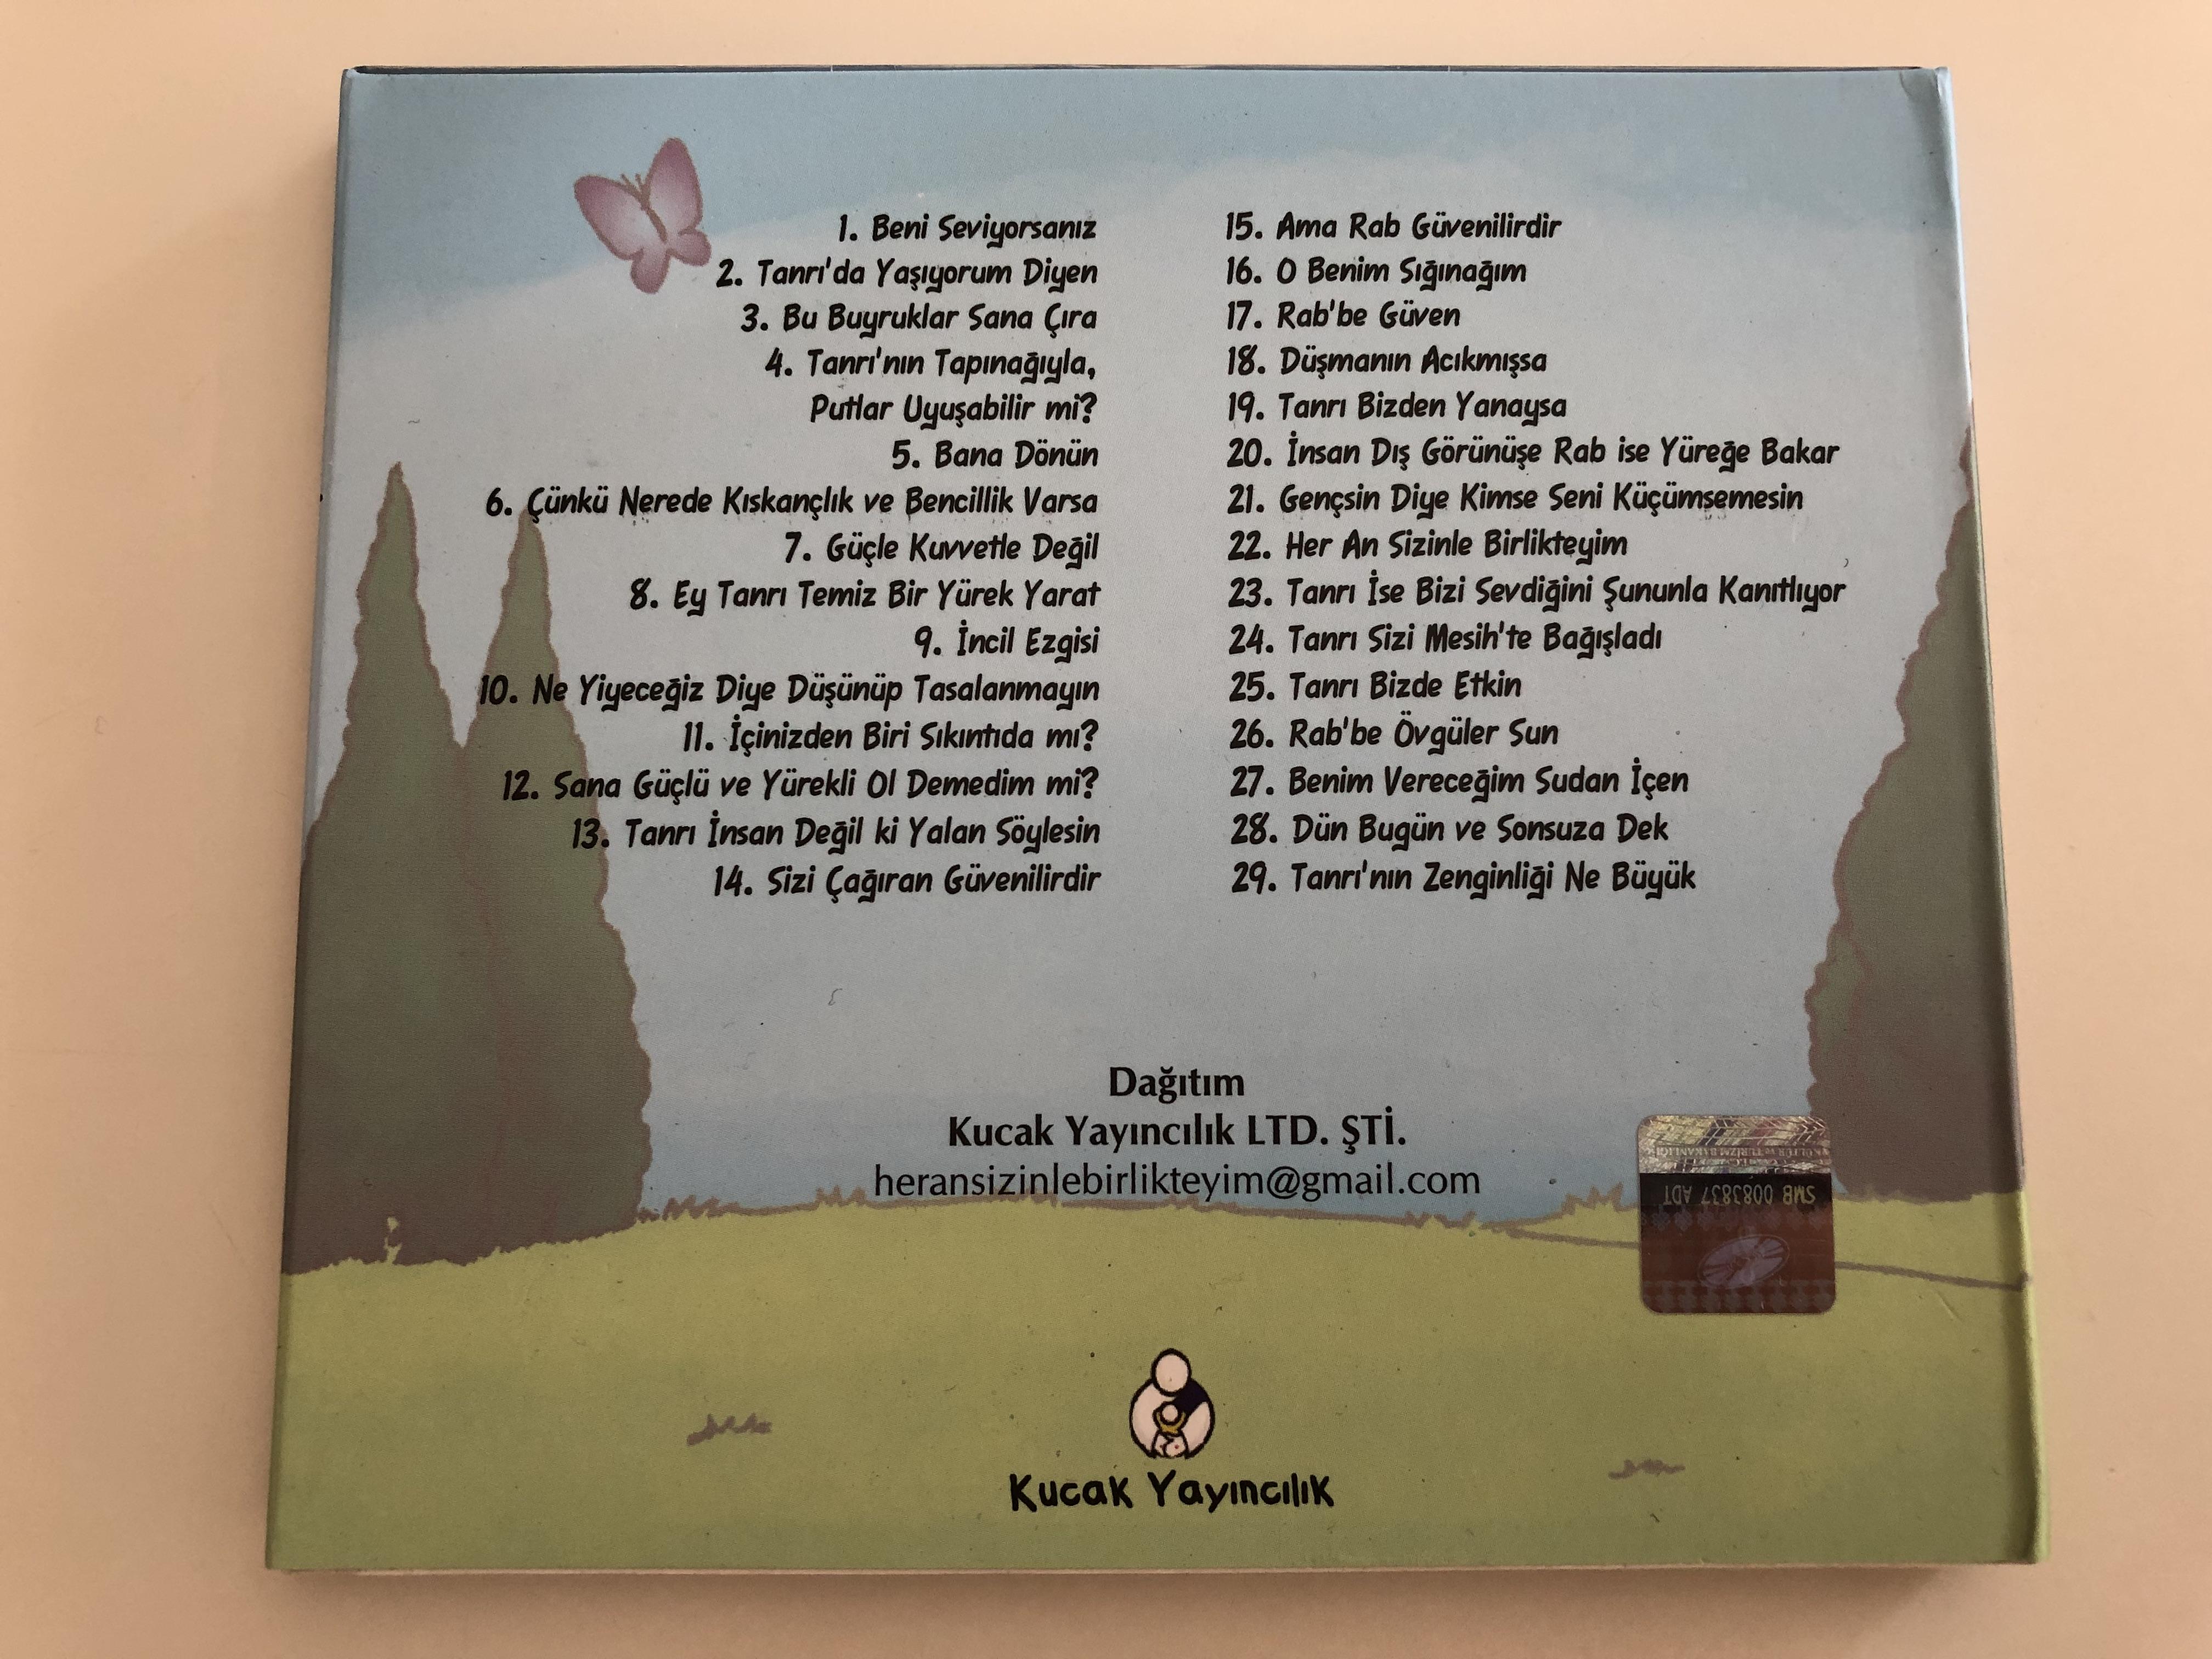 d-nyanin-sonuna-dek-her-an-sizinle-birlikteyim-audio-cd-kucak-yayincilik-christian-songs-for-children-in-turkish-8-.jpg